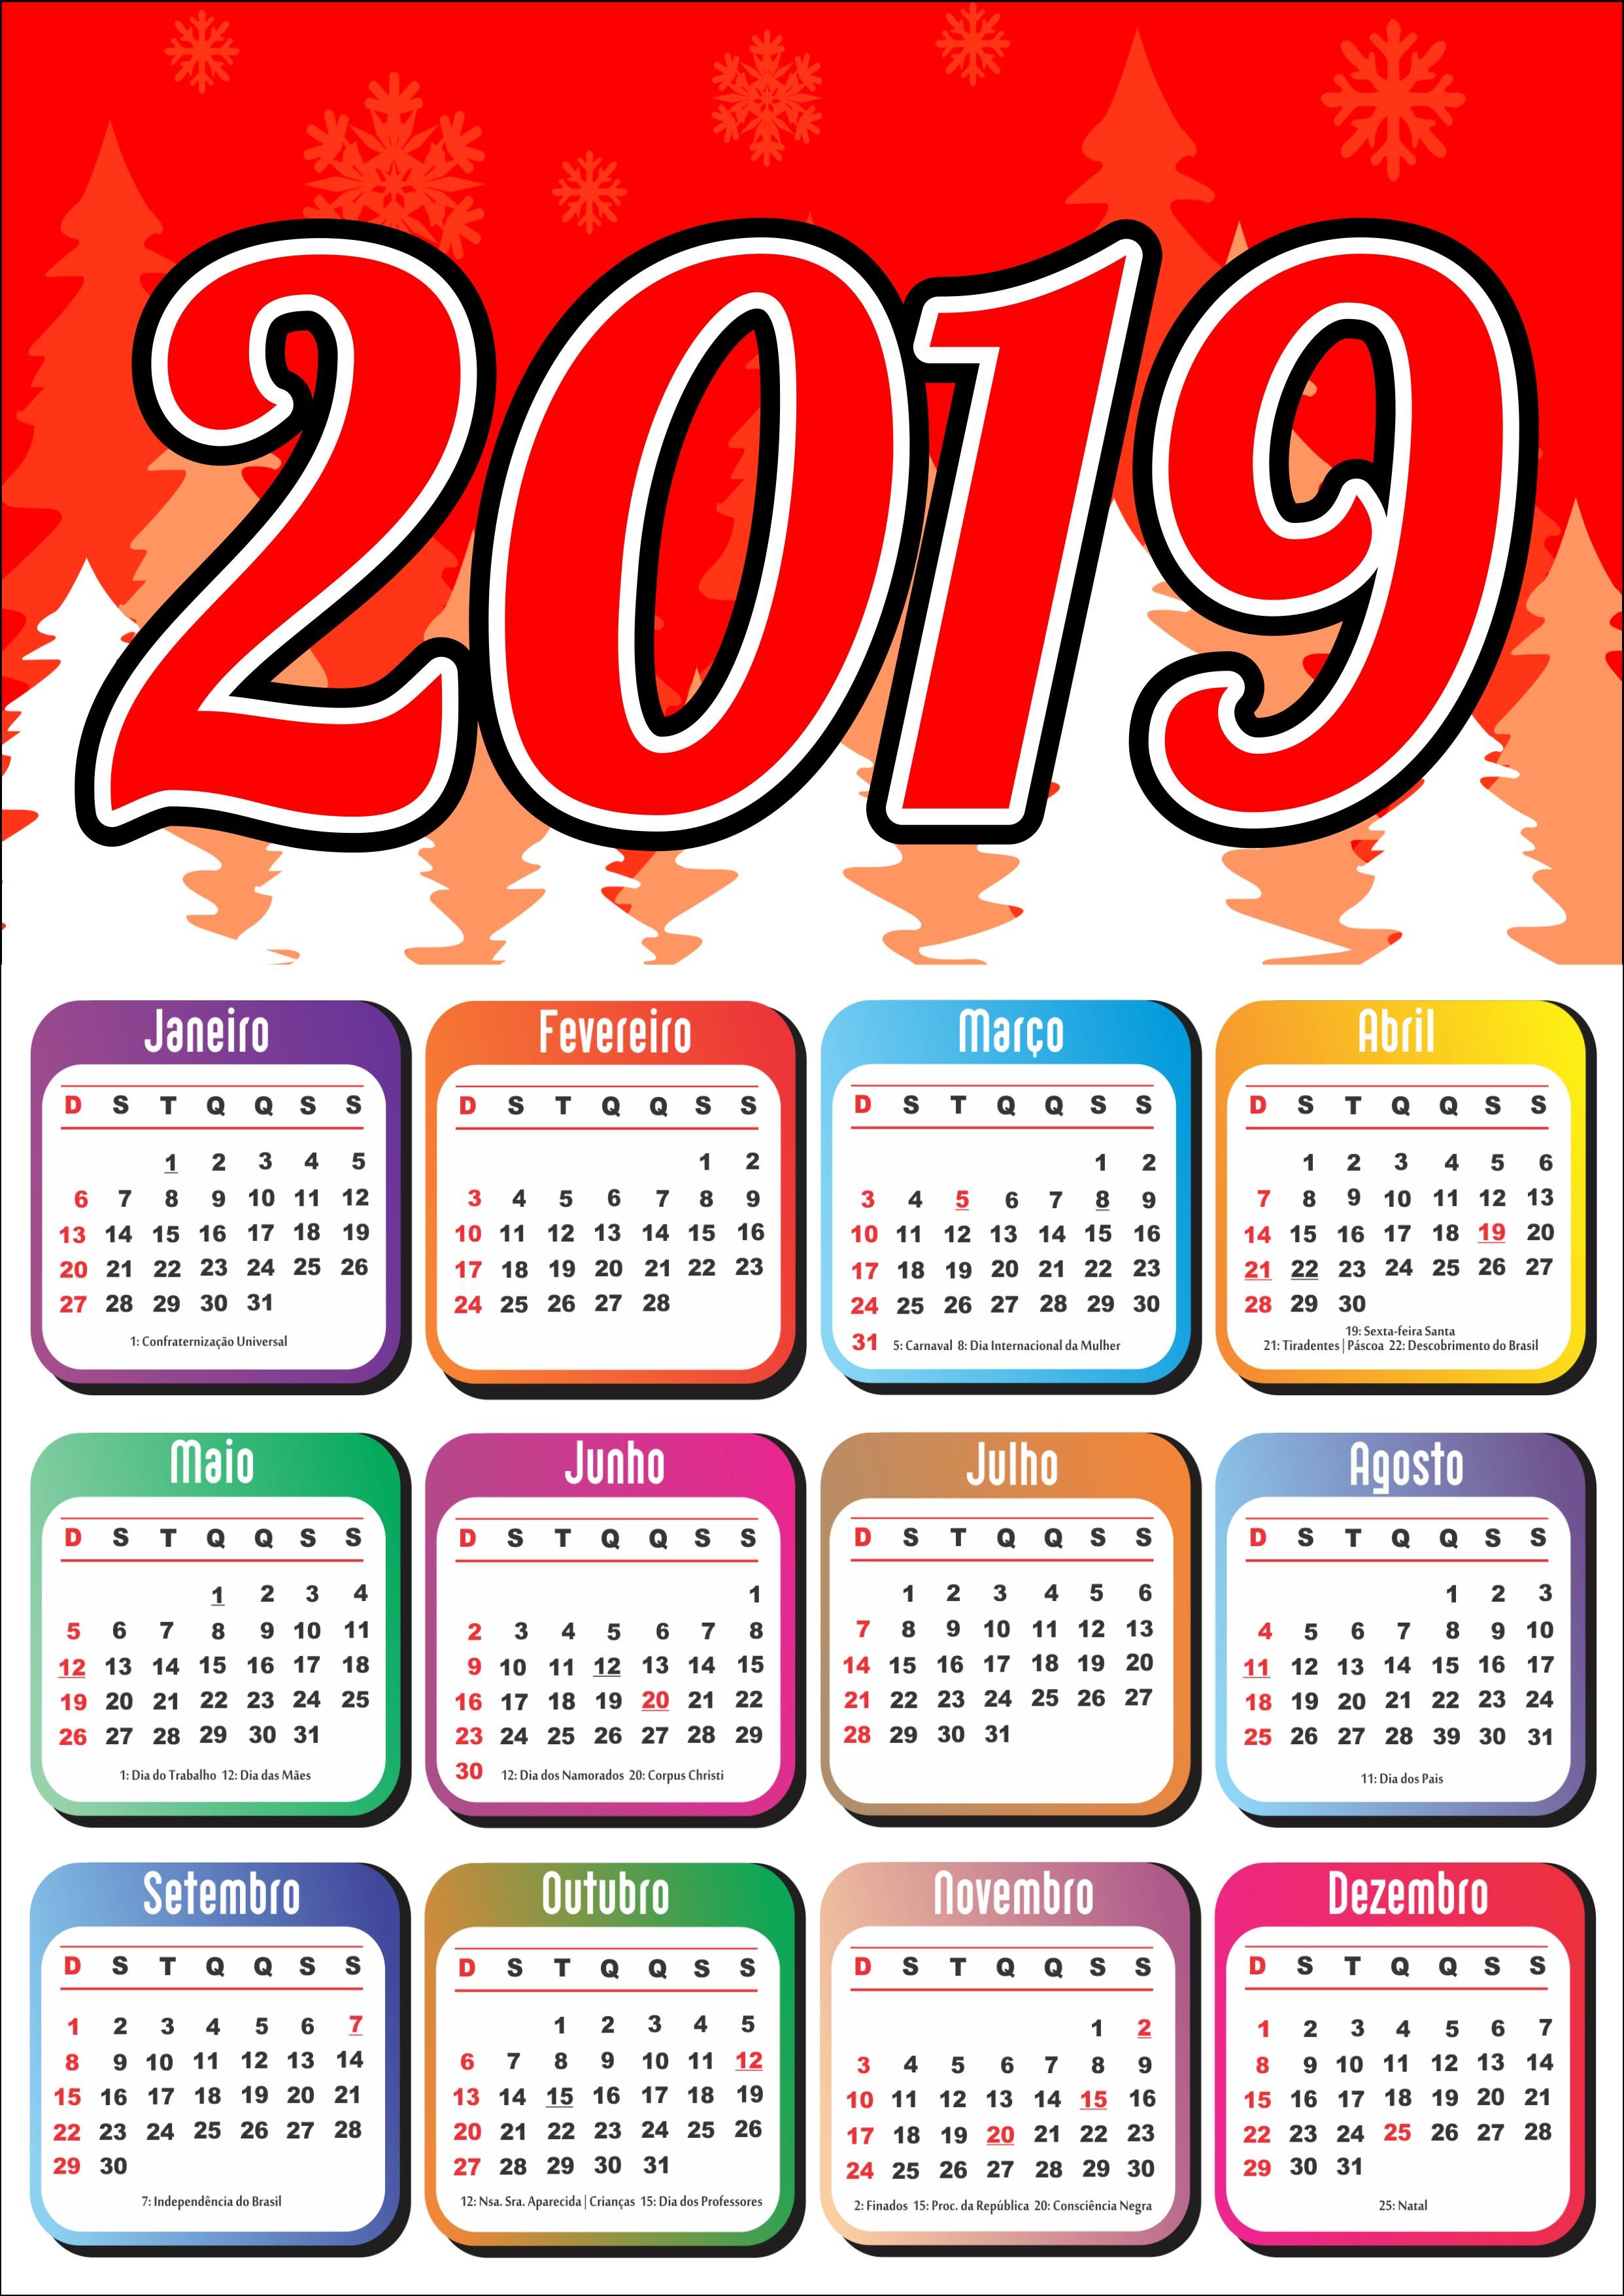 Calendario De 2019 Para Imprimir Gratis Más Actual Calendário 2019 Calendários Pinterest Of Calendario De 2019 Para Imprimir Gratis Más Recientemente Liberado Sin Embargo Este Es Calendario Imprimir 2017 Pdf